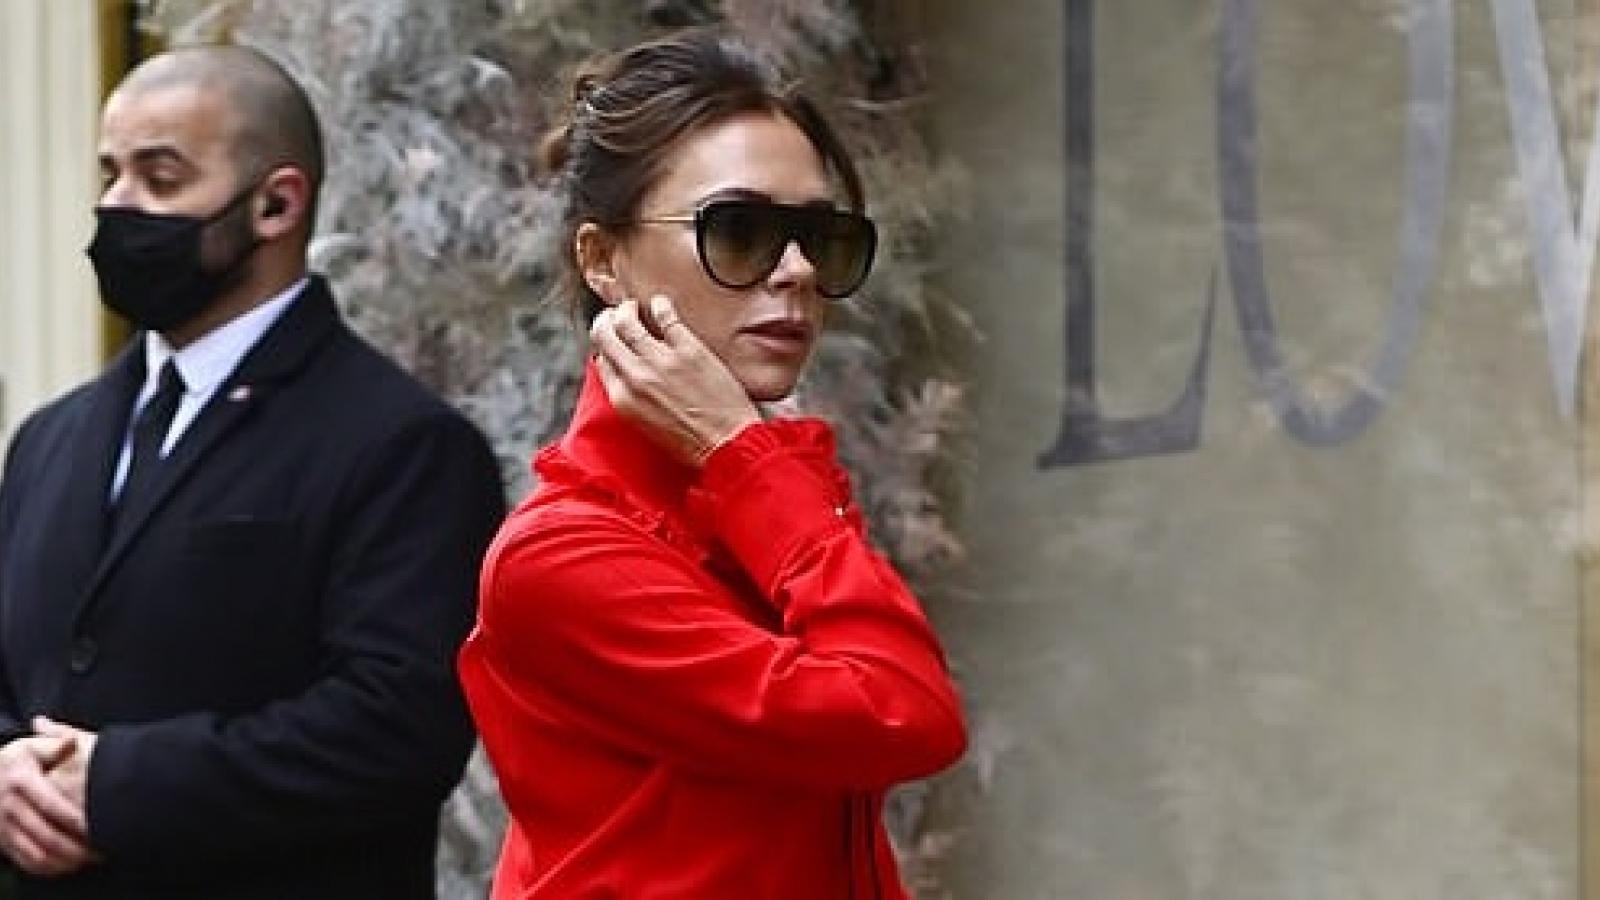 Victoria Beckham diện đầm đỏ rực tự thiết kế, khoe dáng thanh mảnh ra phố